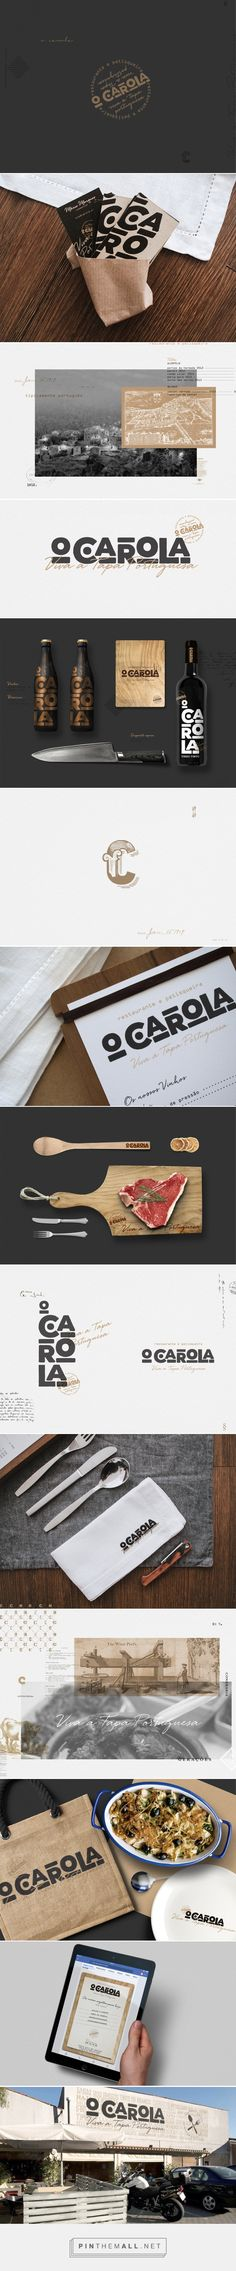 O C A R O L A Portuguese Restaurant Branding by MAU MARIA design de comunicação..